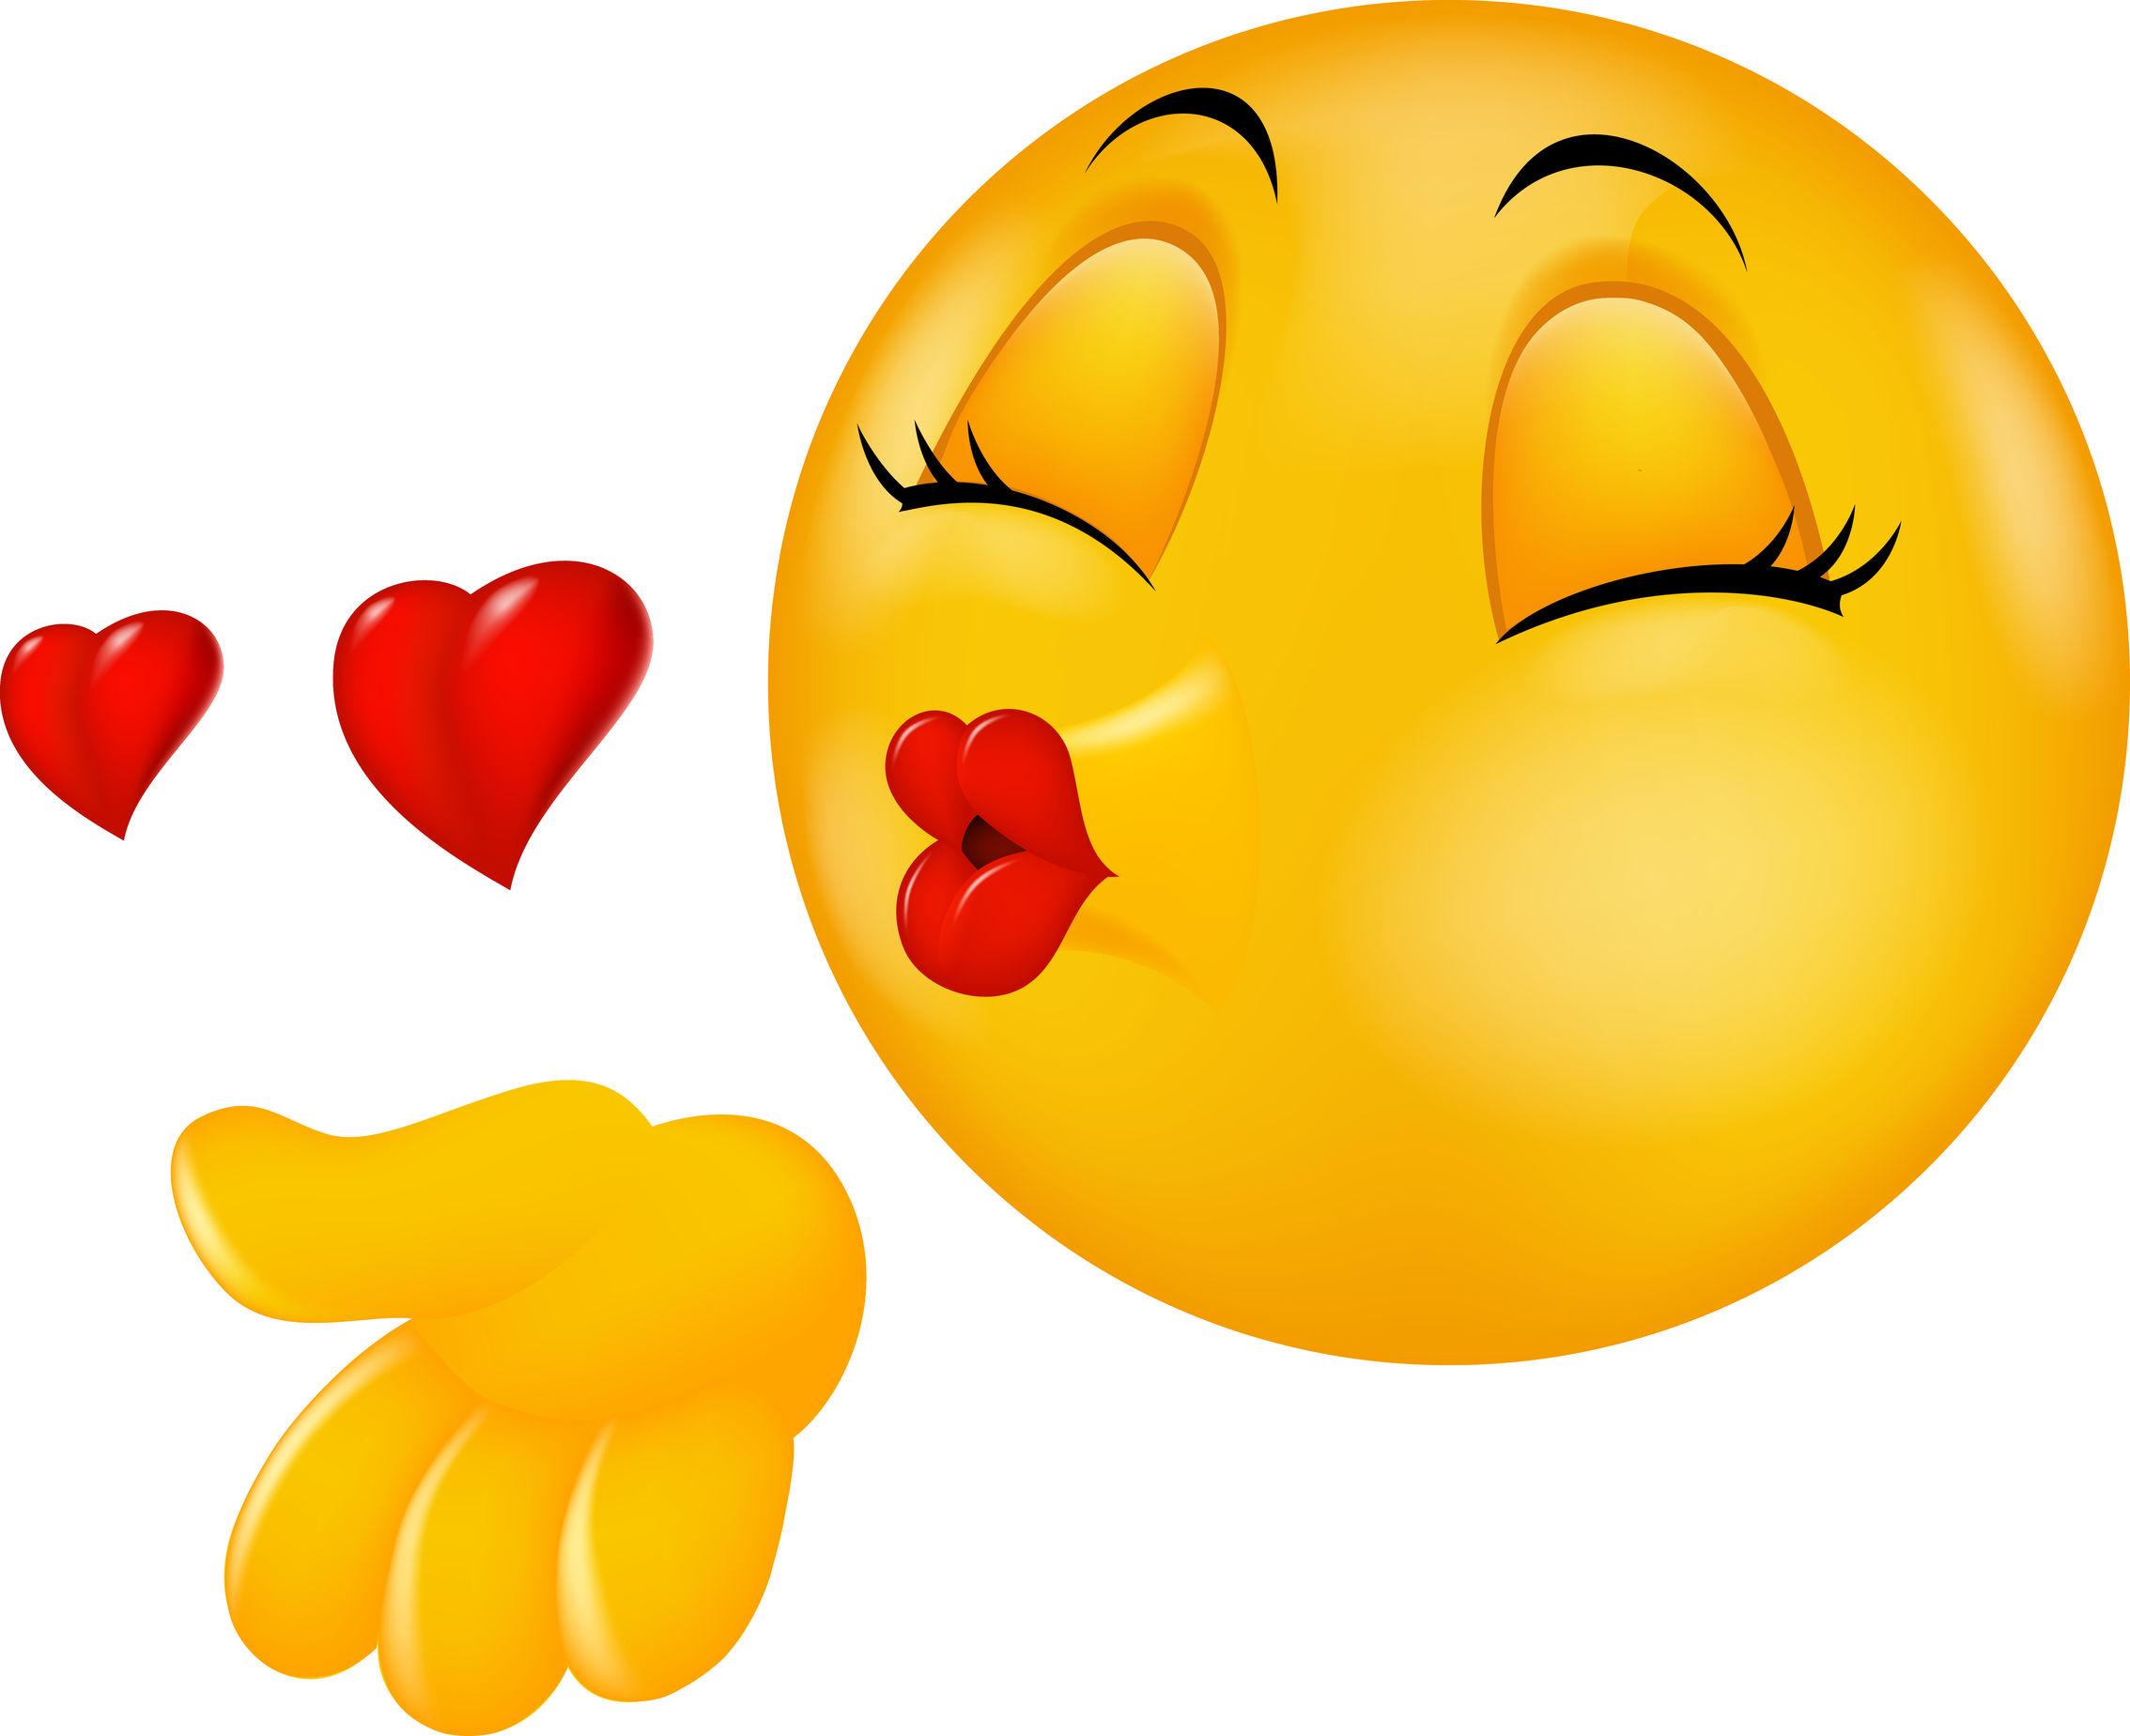 Love_Emoticon_33886410_l